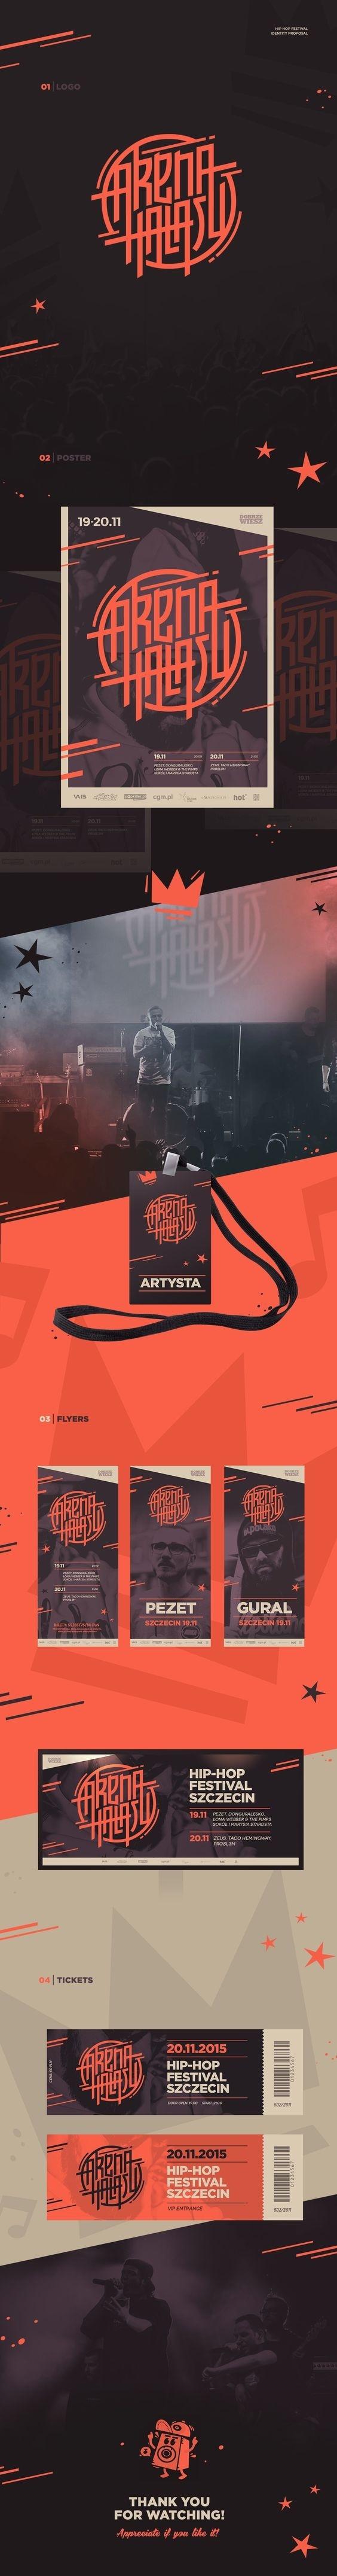 Arena Hałasu hip-hop festival Branding by Piotr Kubicki